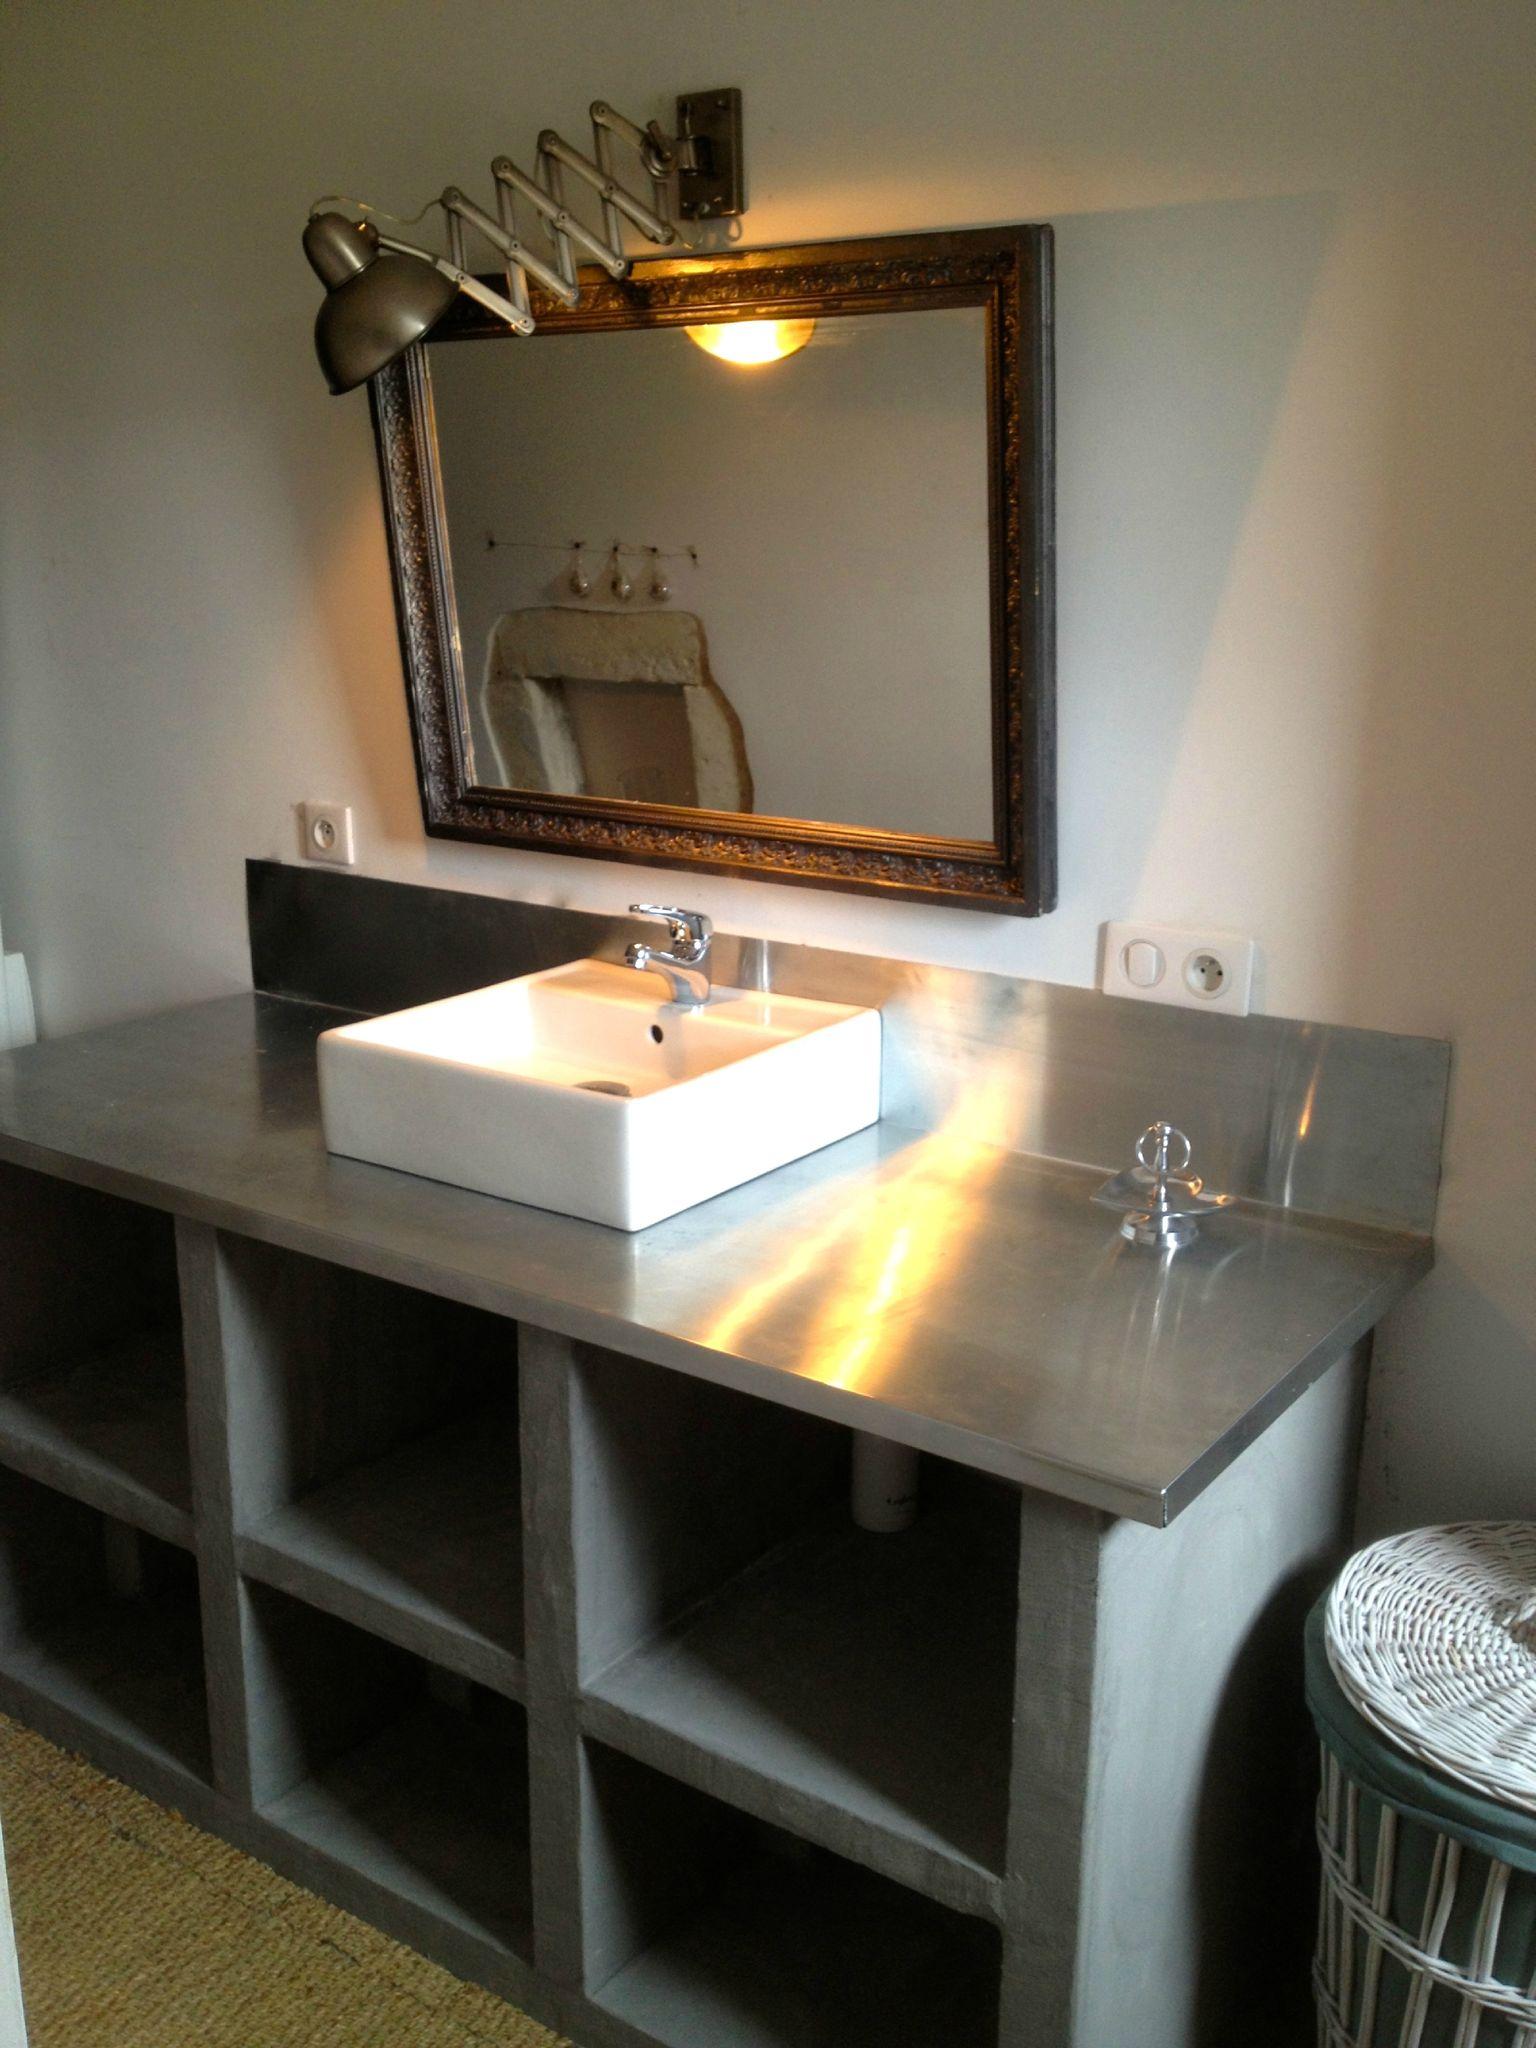 Plan de travail salle de bain en siporex - pearlfection.fr